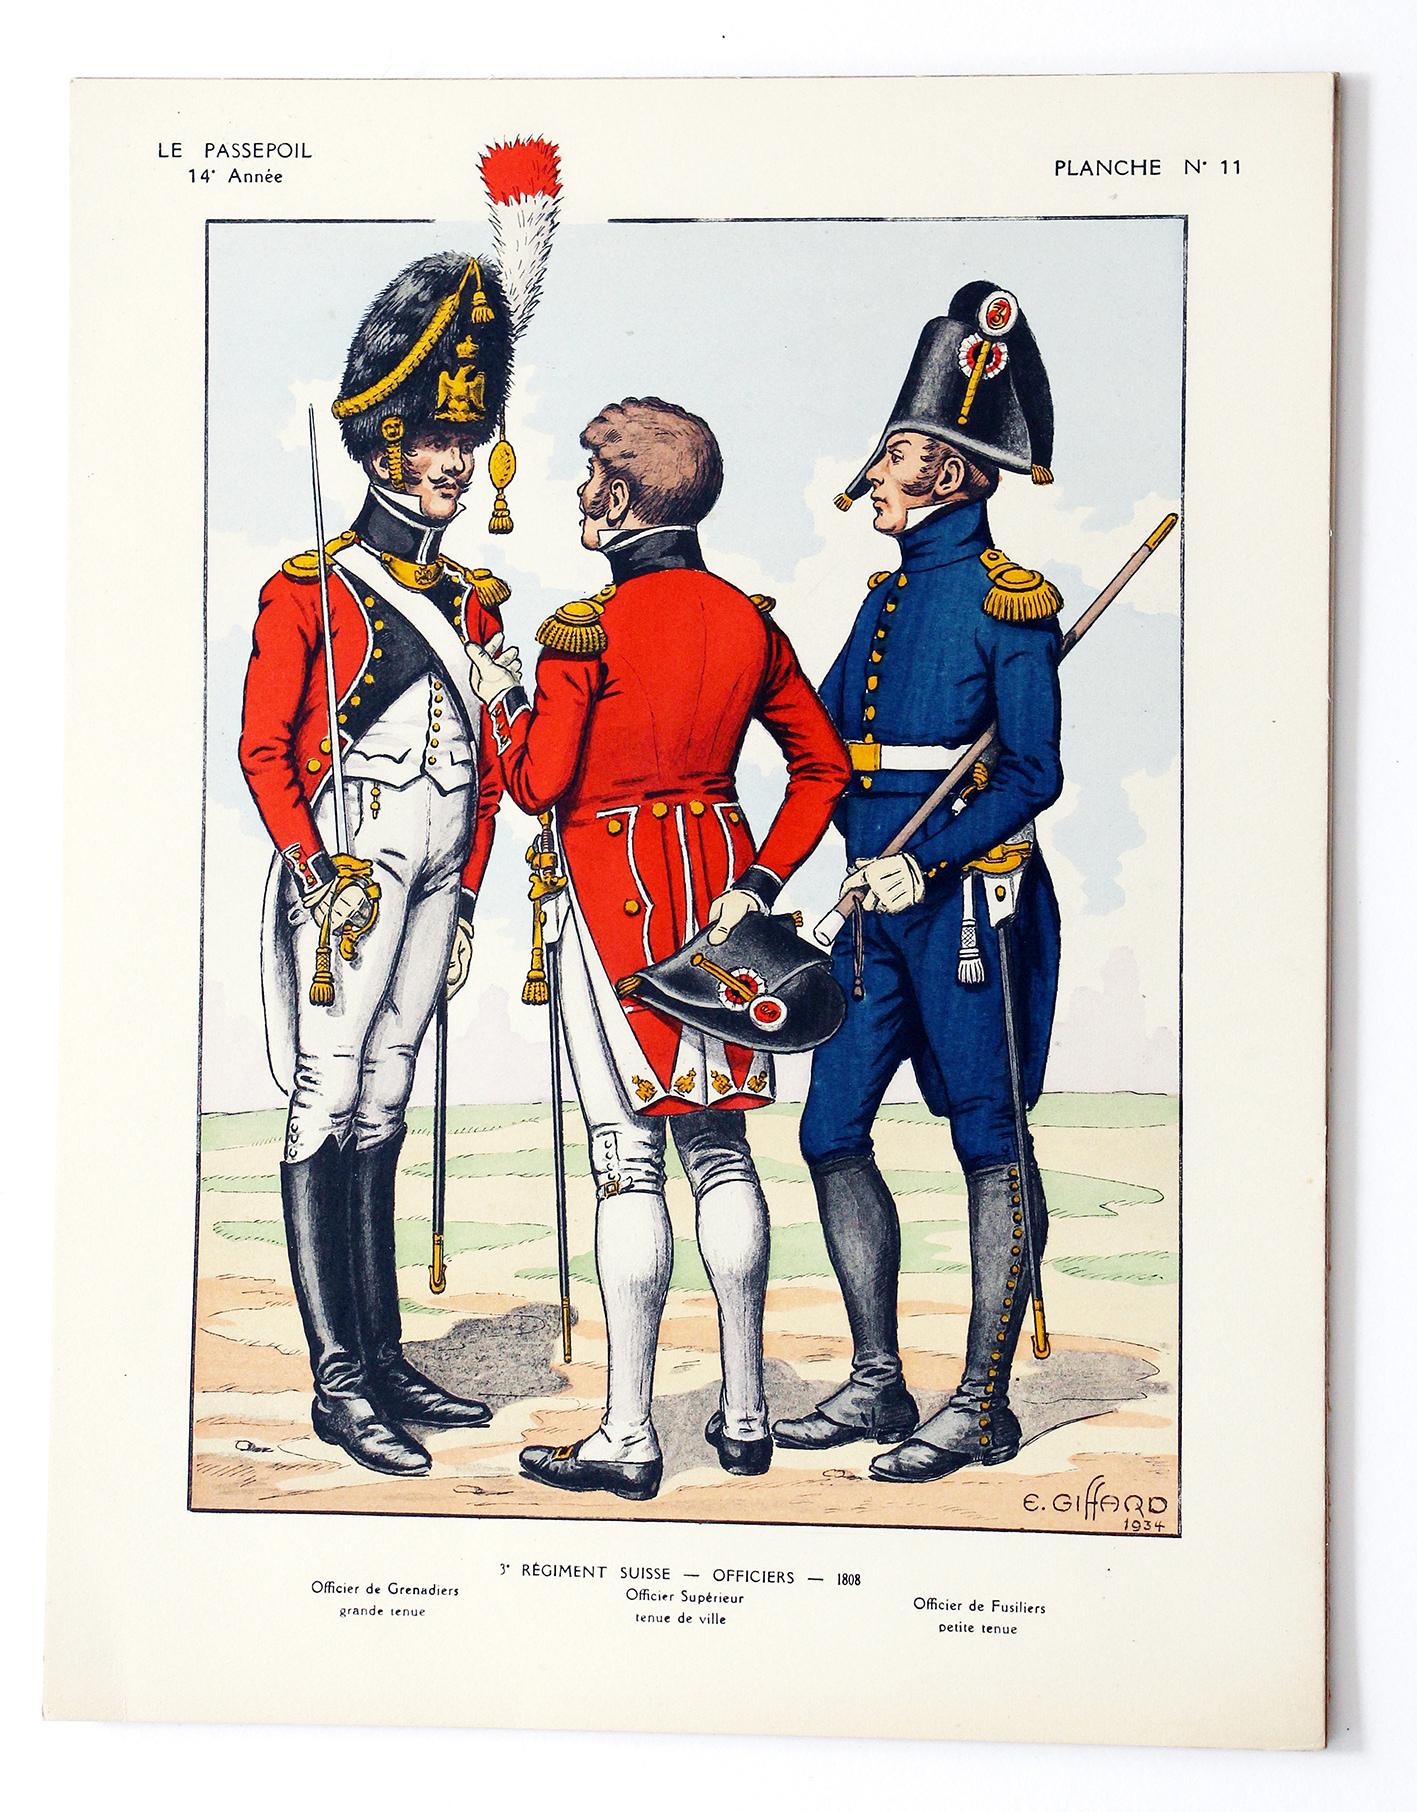 3 Régiment Suisse 1808 - E.GIFFARD - Le Passepoil